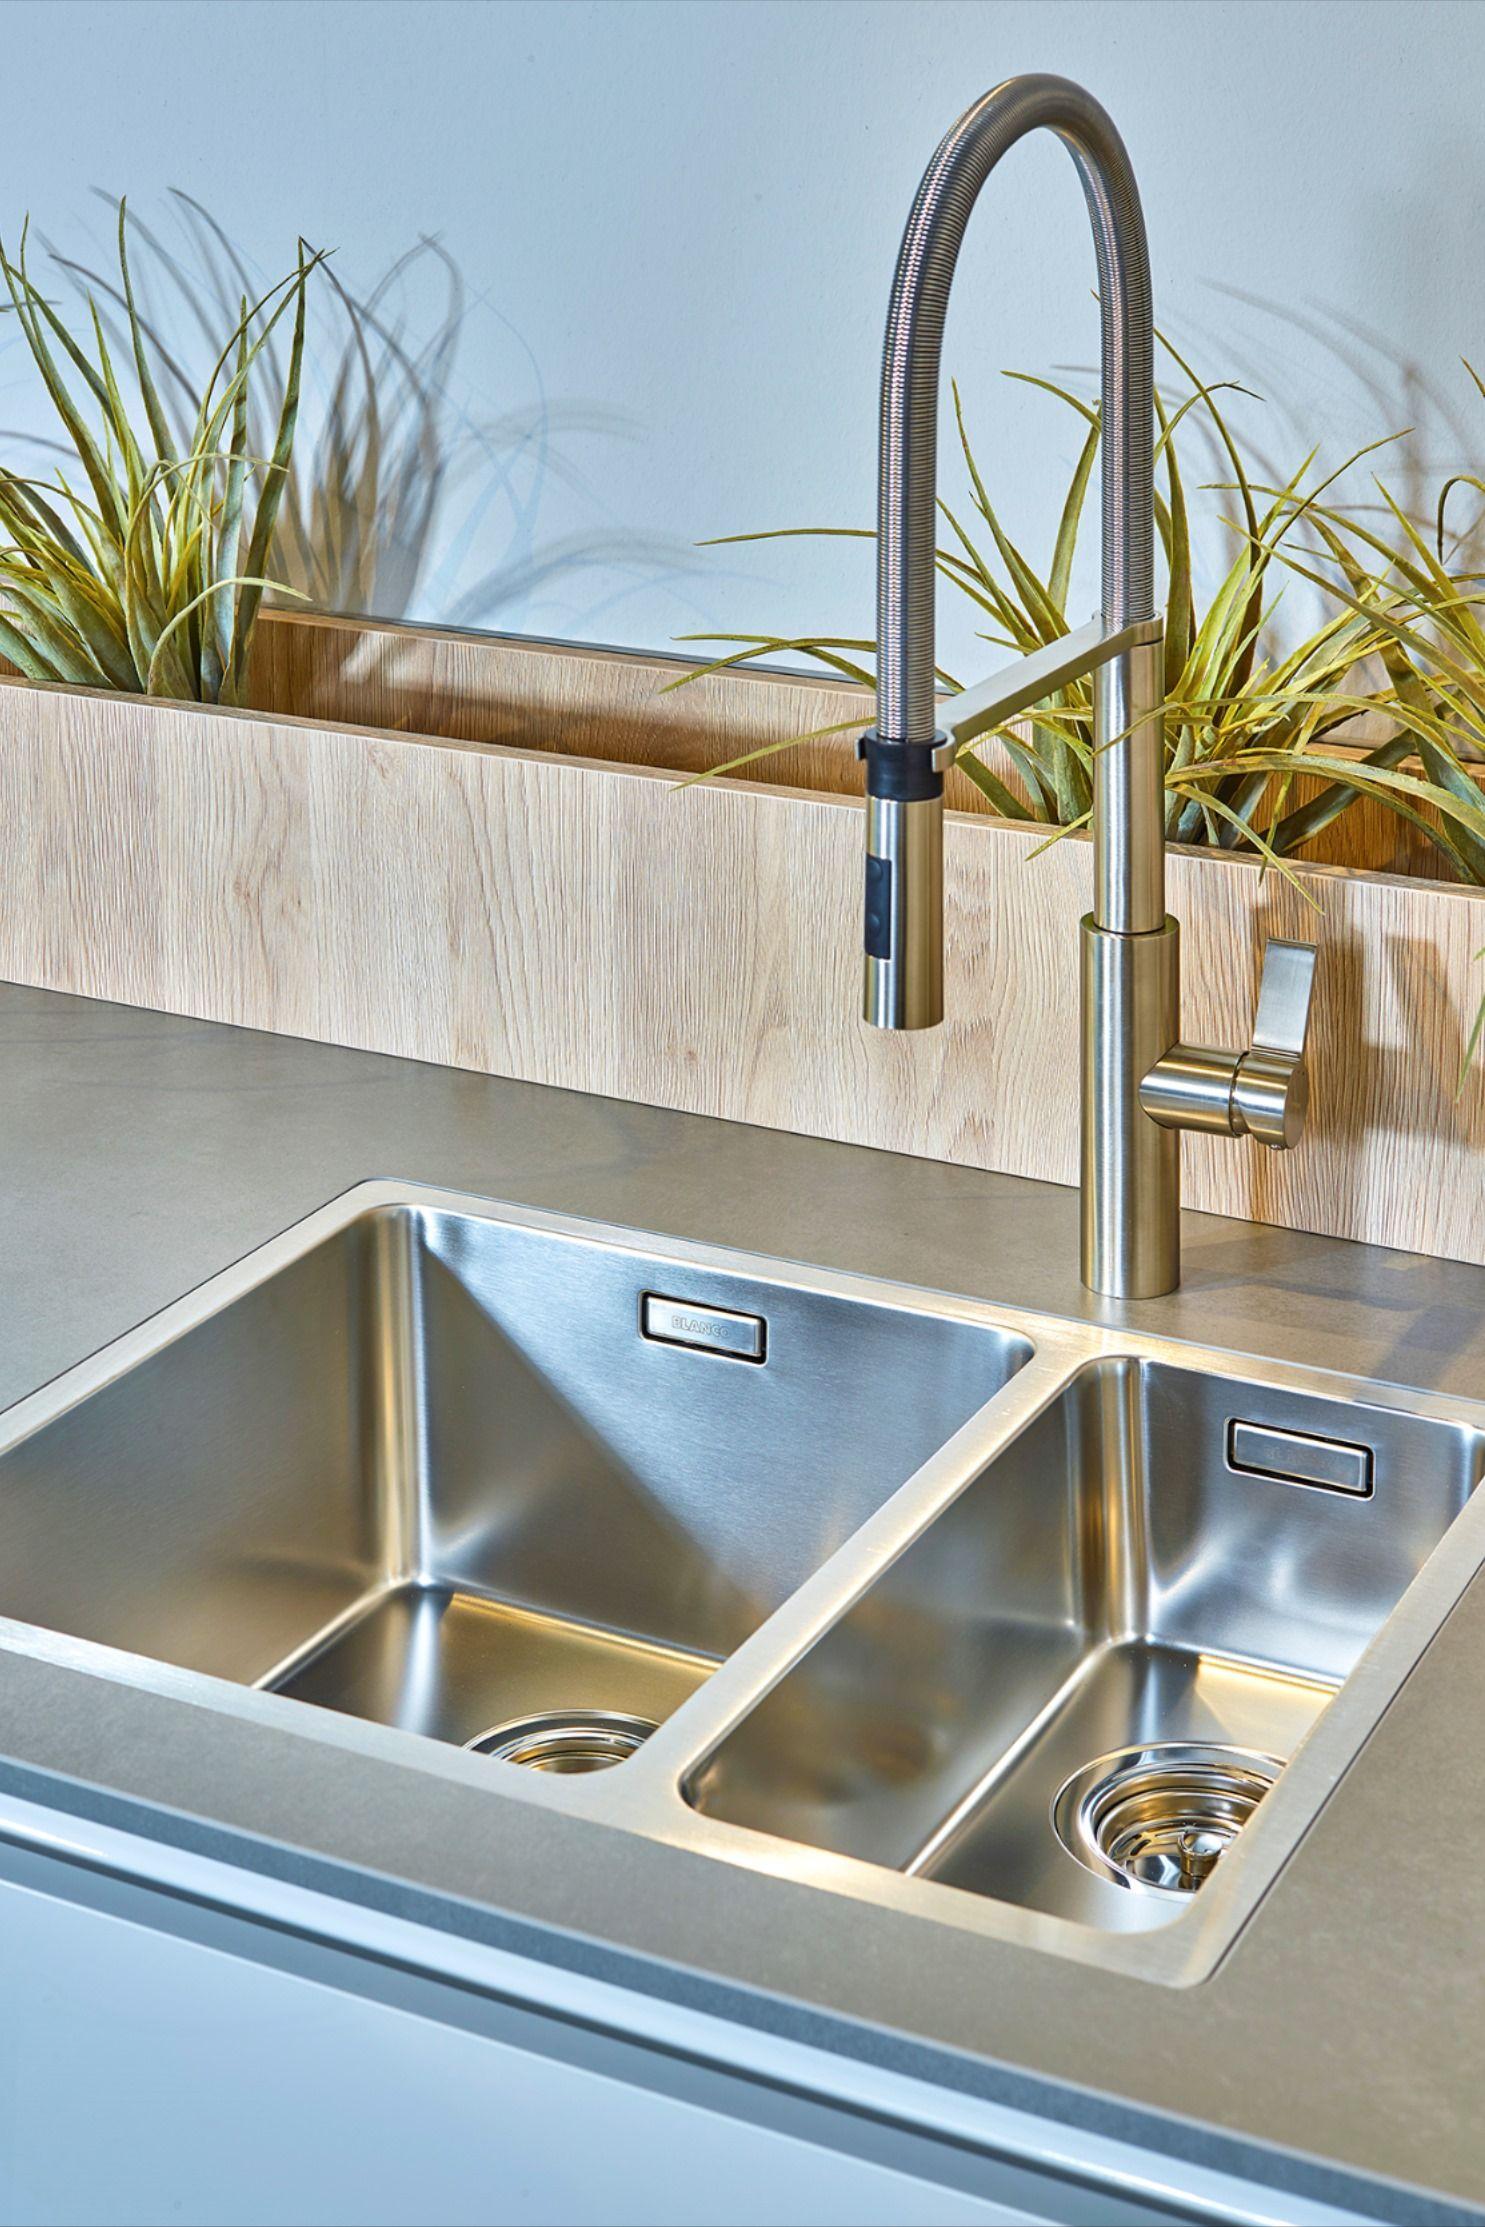 blanco spülenbereich in 2020 | küche spülbecken, küche